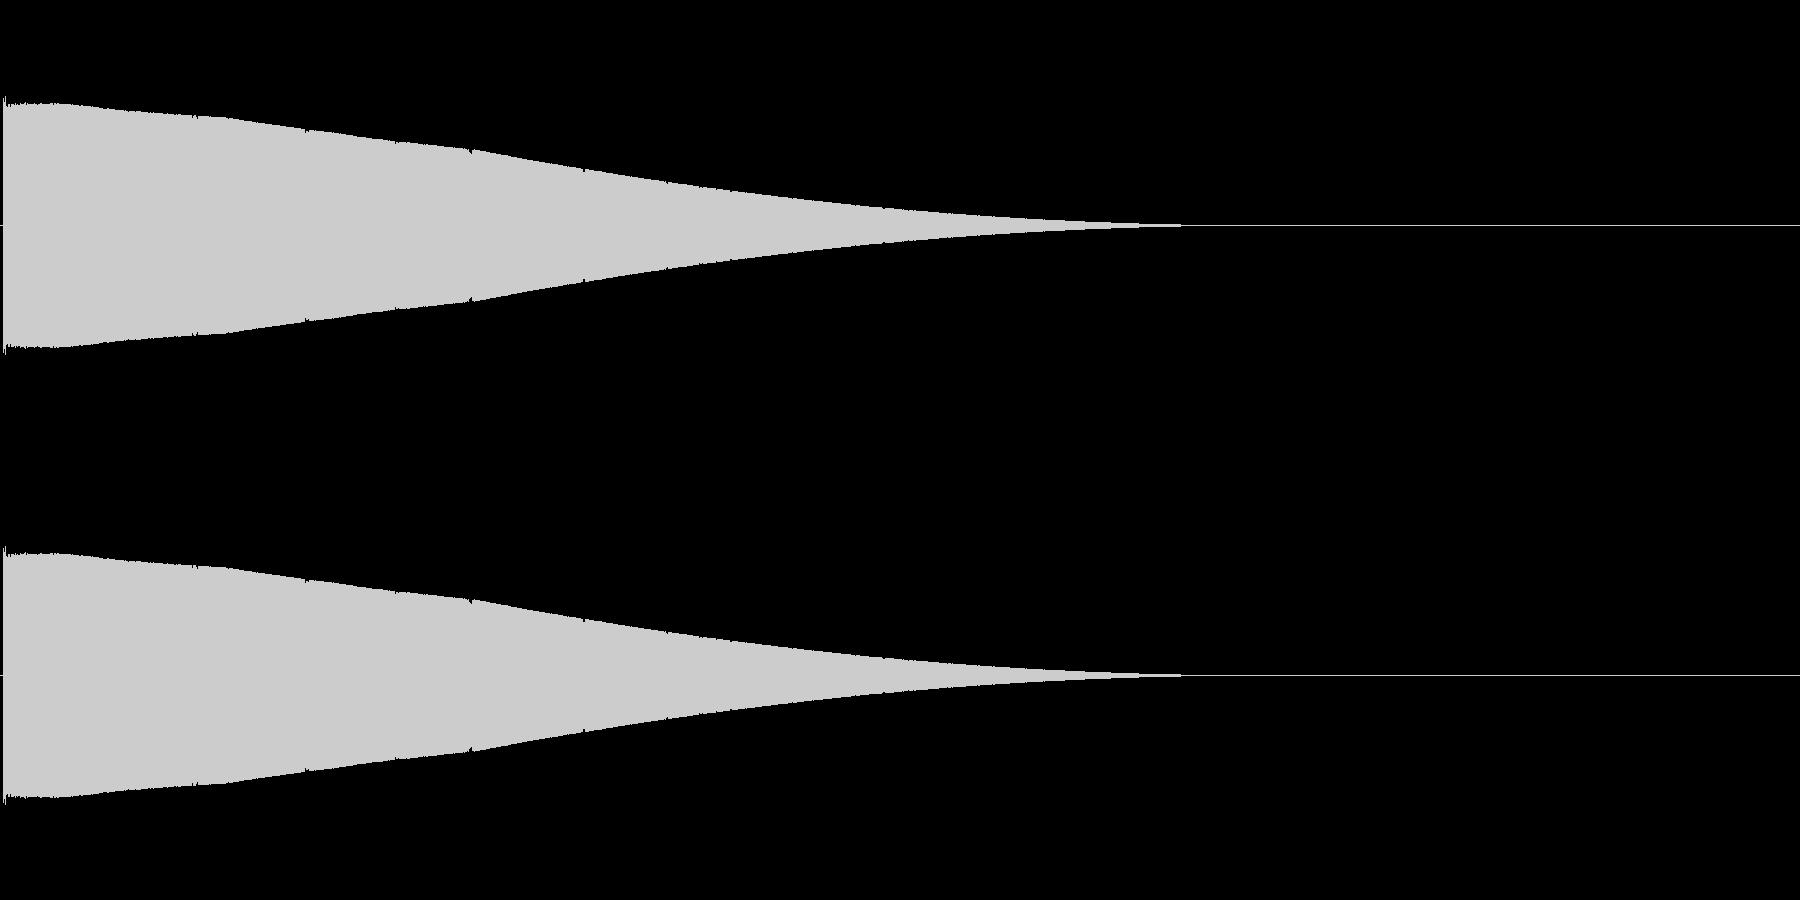 シンプルな飛ばされる音(長距離)の未再生の波形